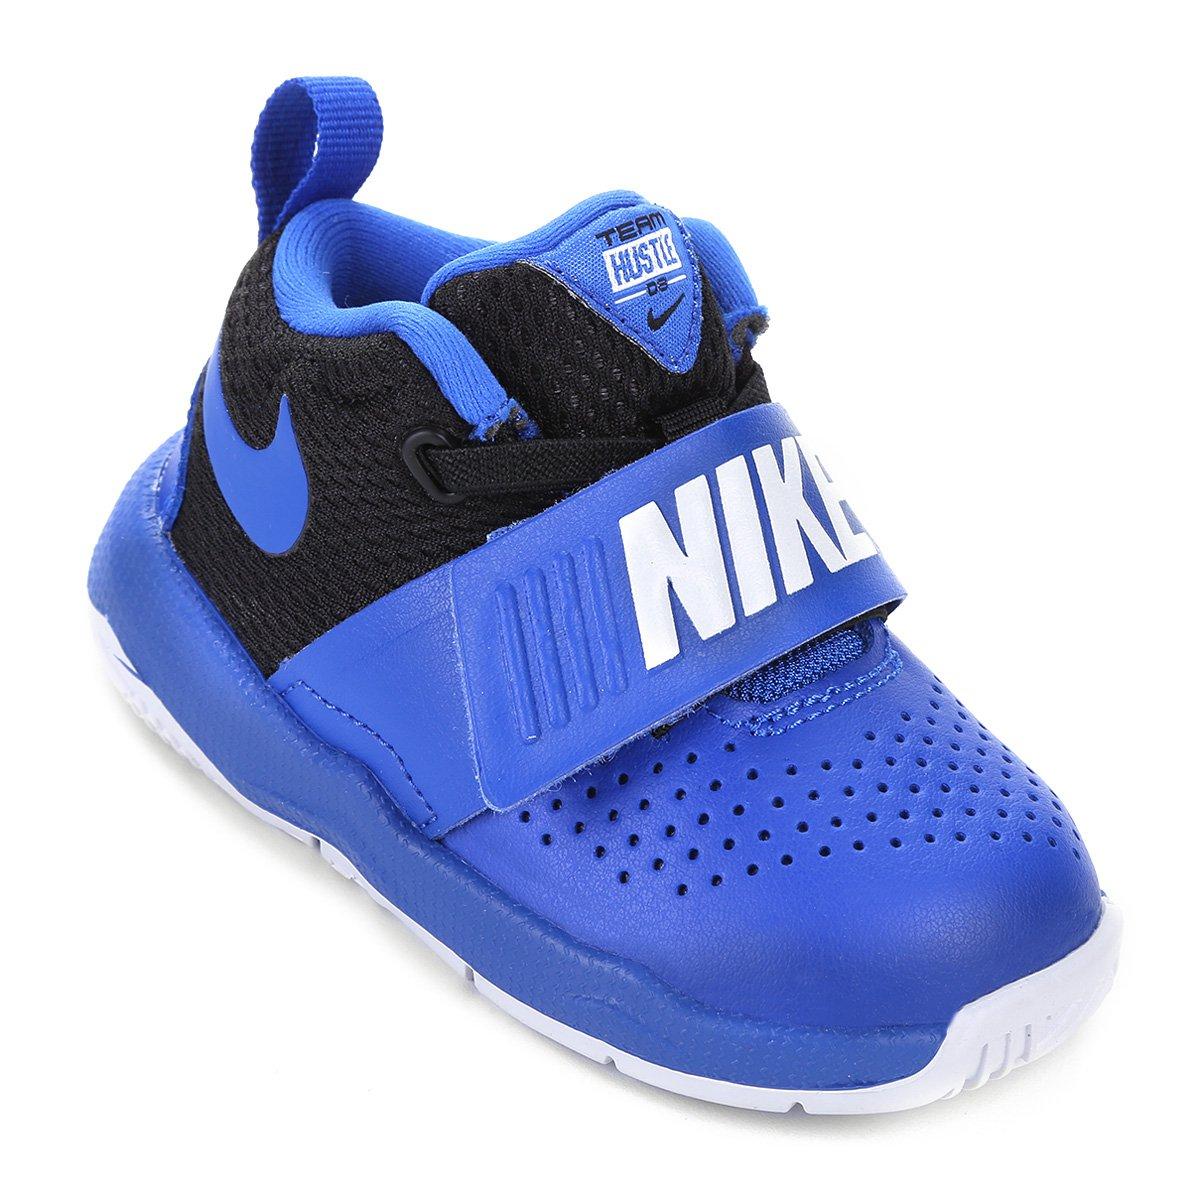 a1bdf3cd397 Tênis Infantil Couro Nike Team Hustle D Masculino - Azul Royal e Preto -  Compre Agora